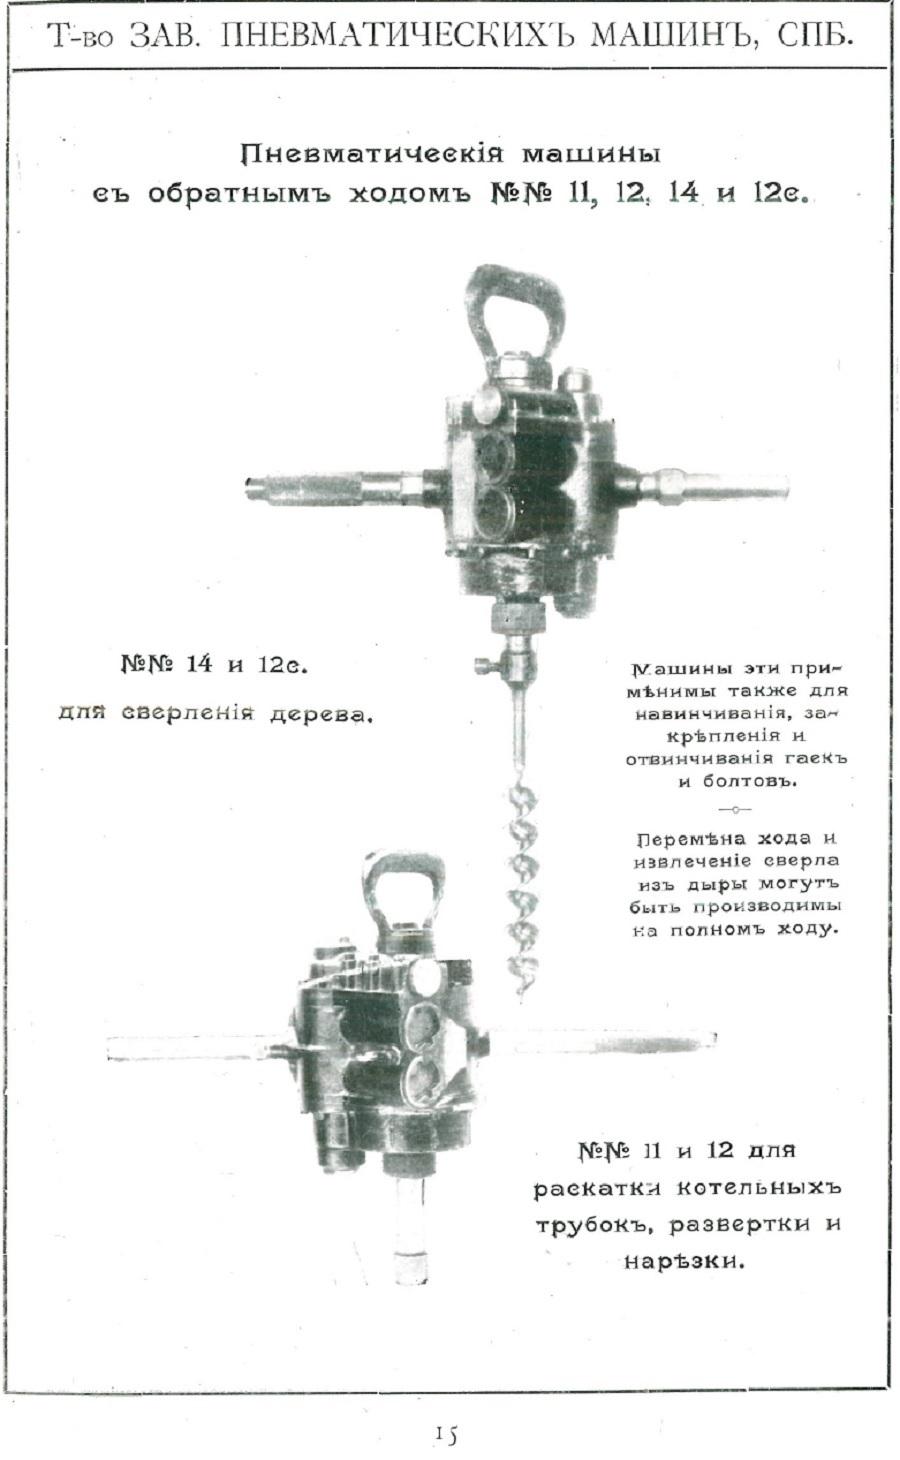 Каталог №11 Товарищества завода пневматических машин. стр 15